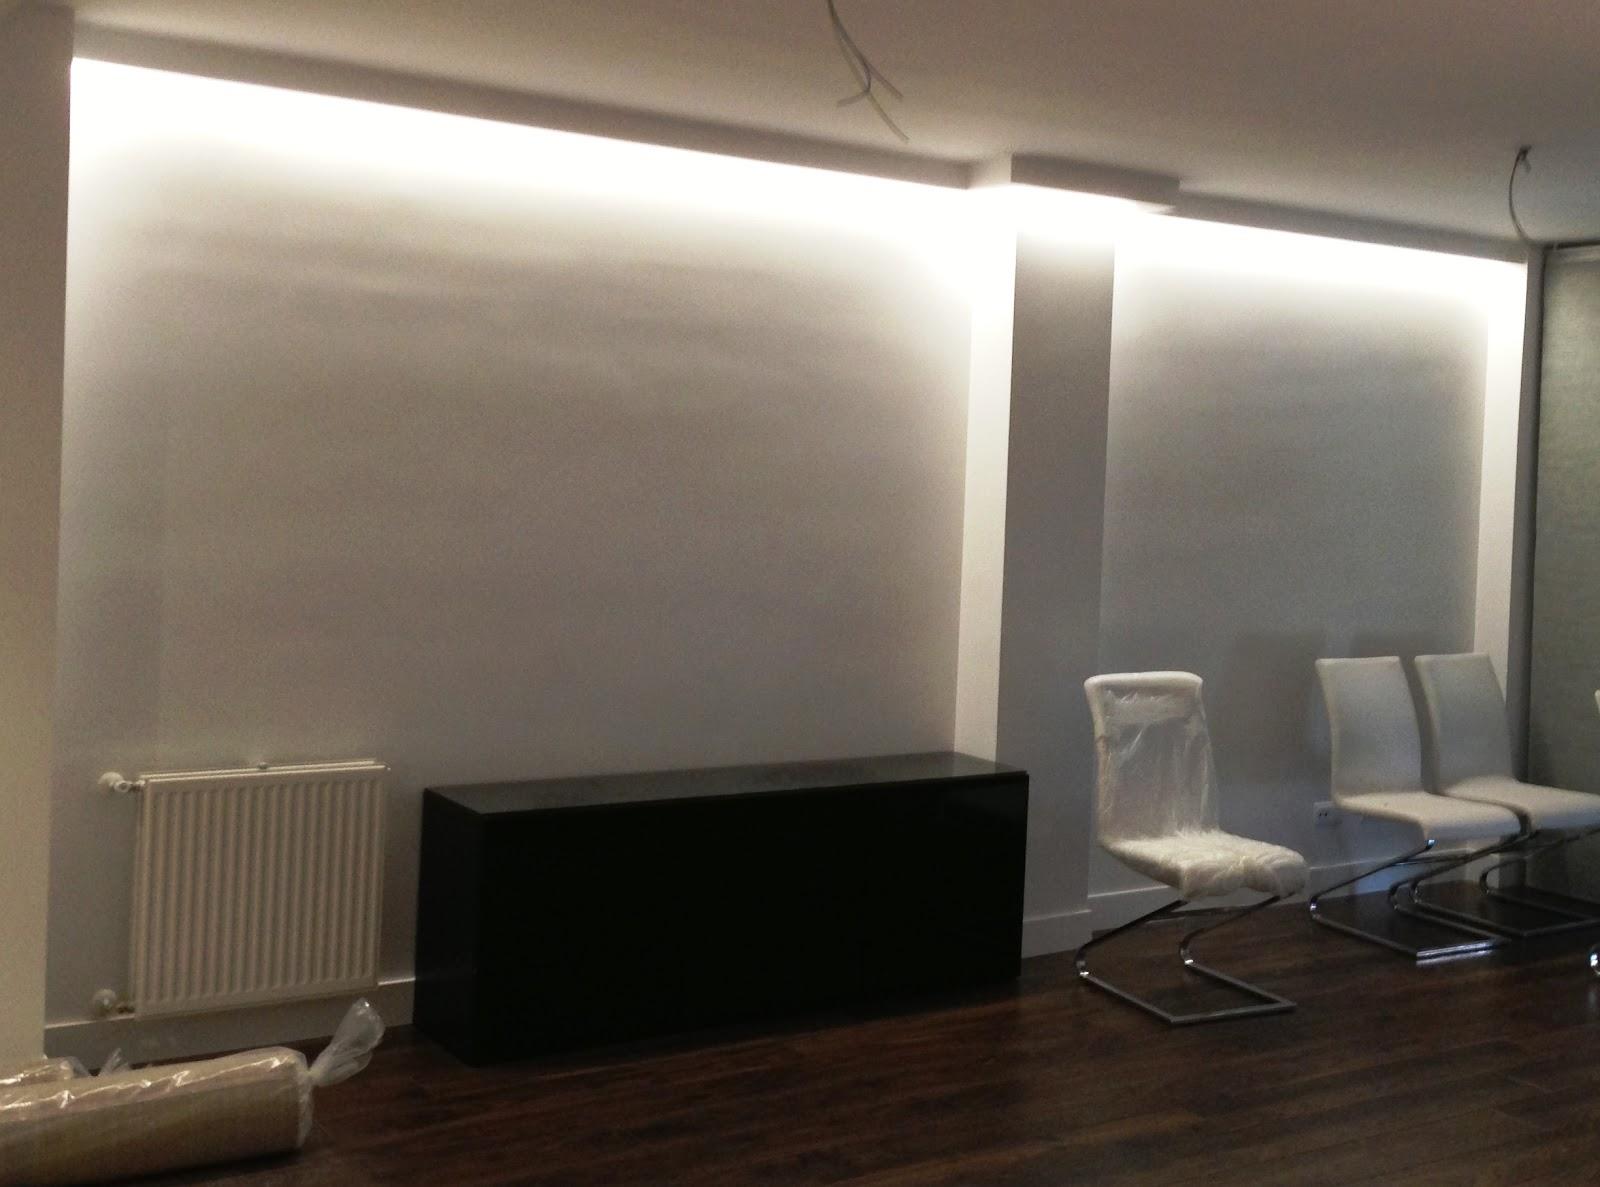 Dcorandobyalba luz indirecta - Iluminacion indirecta led ...